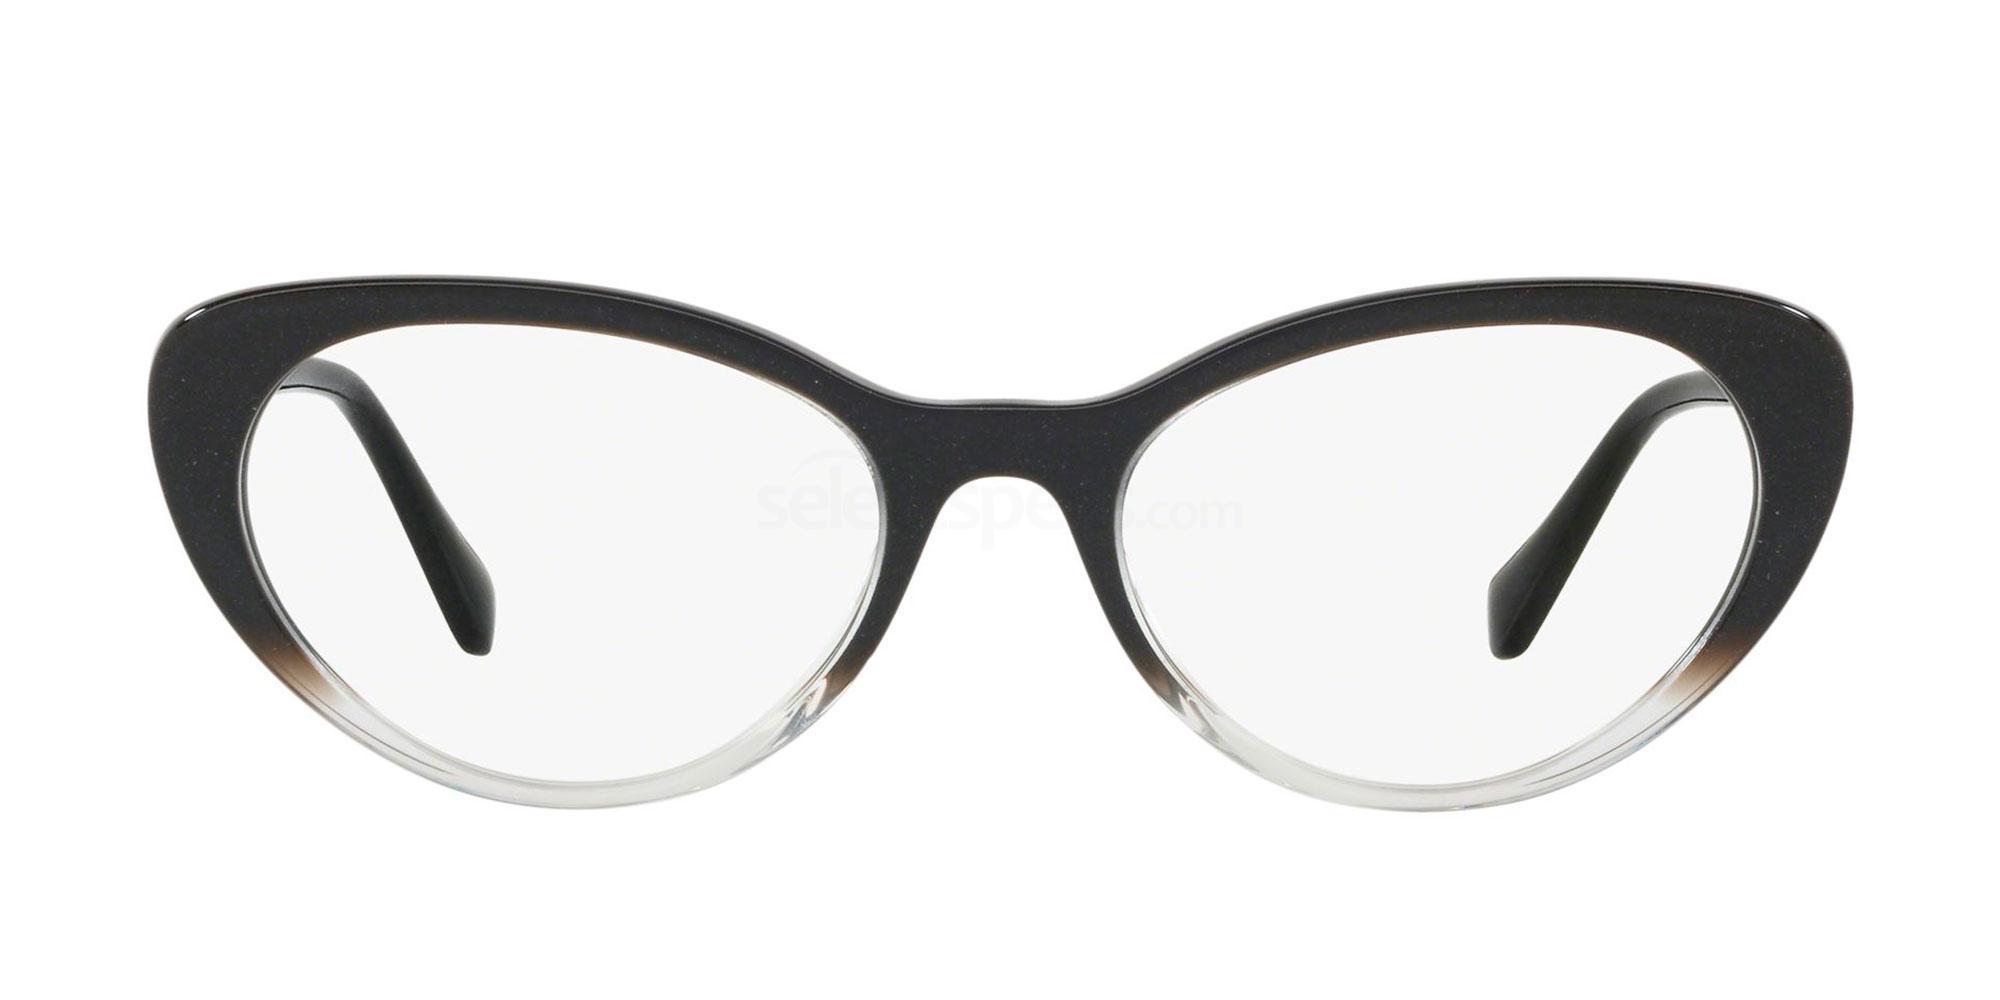 1141O1 MU 05RV Glasses, Miu Miu